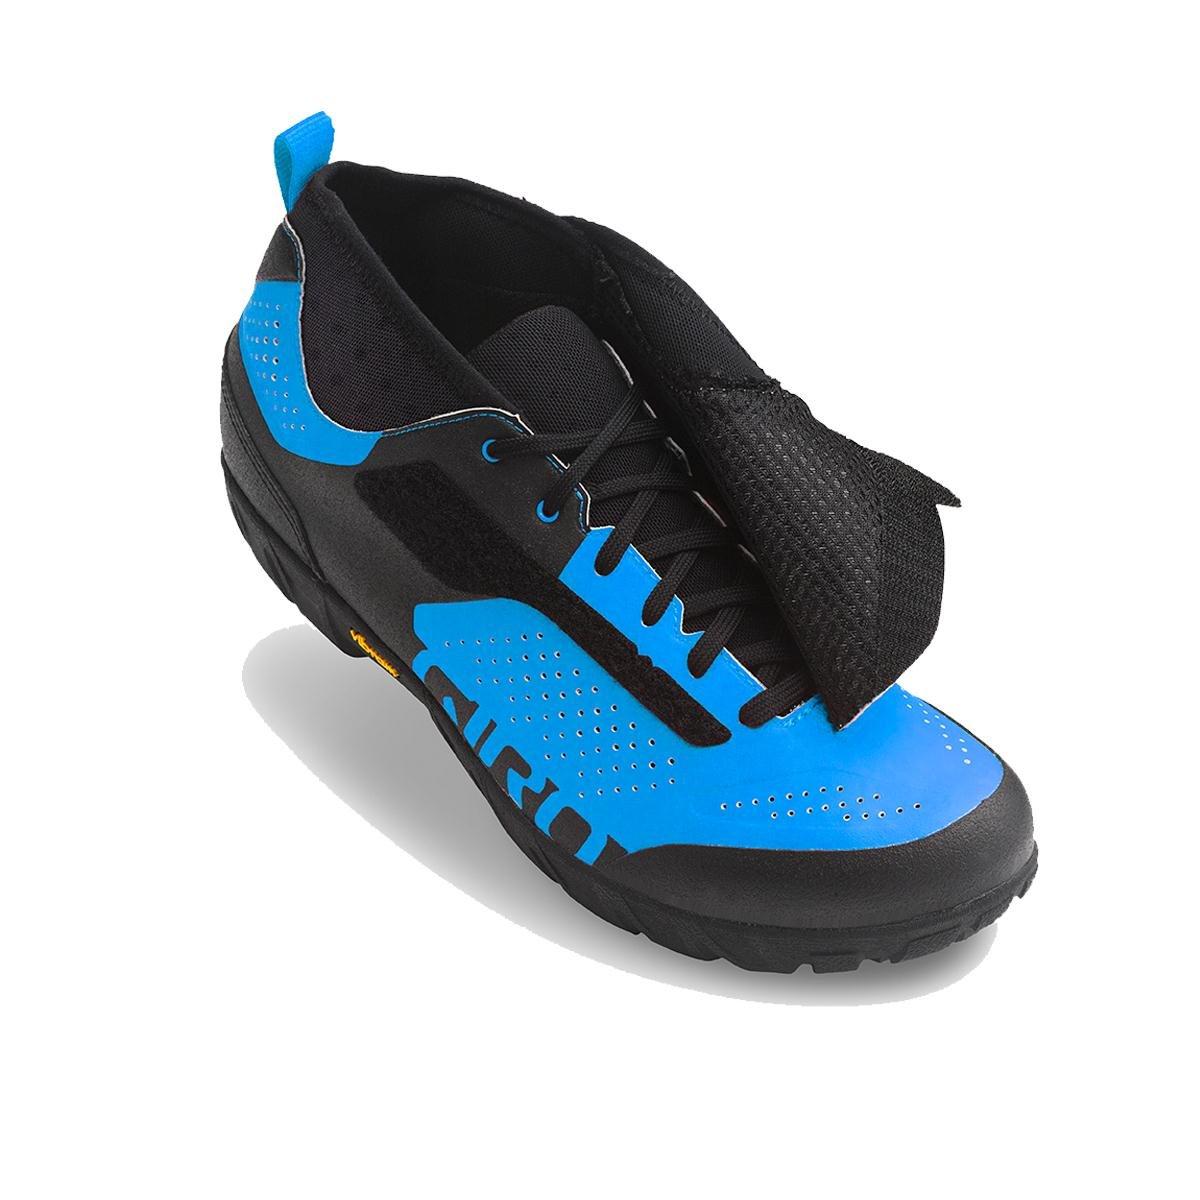 Giro Terraduro Mid MTB, Zapatos de Bicicleta de montaña para Hombre: Amazon.es: Deportes y aire libre